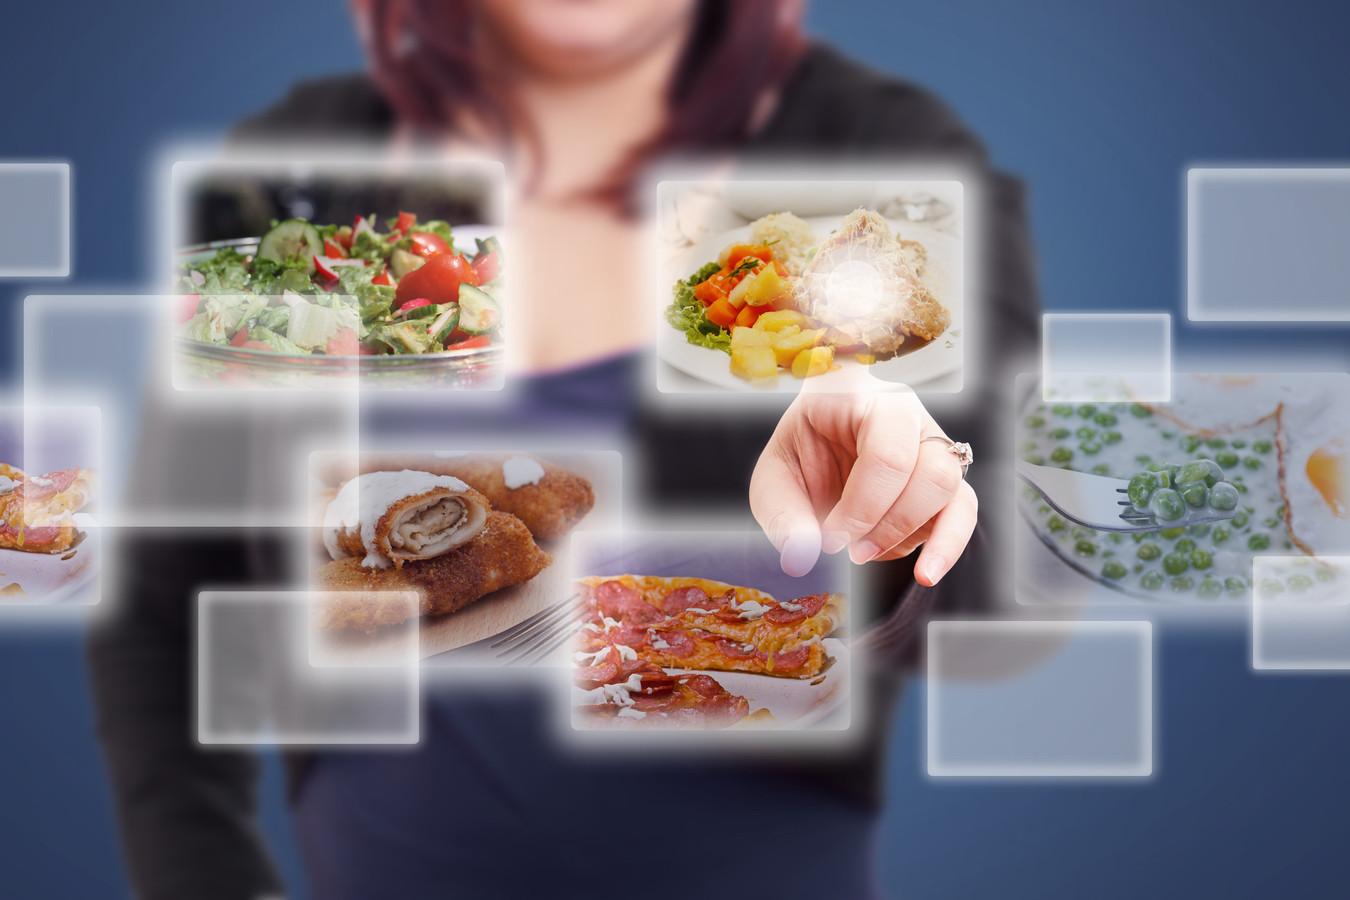 De toekomst van voedsel: hoe ziet onze planeet er straks uit en wat eten we?